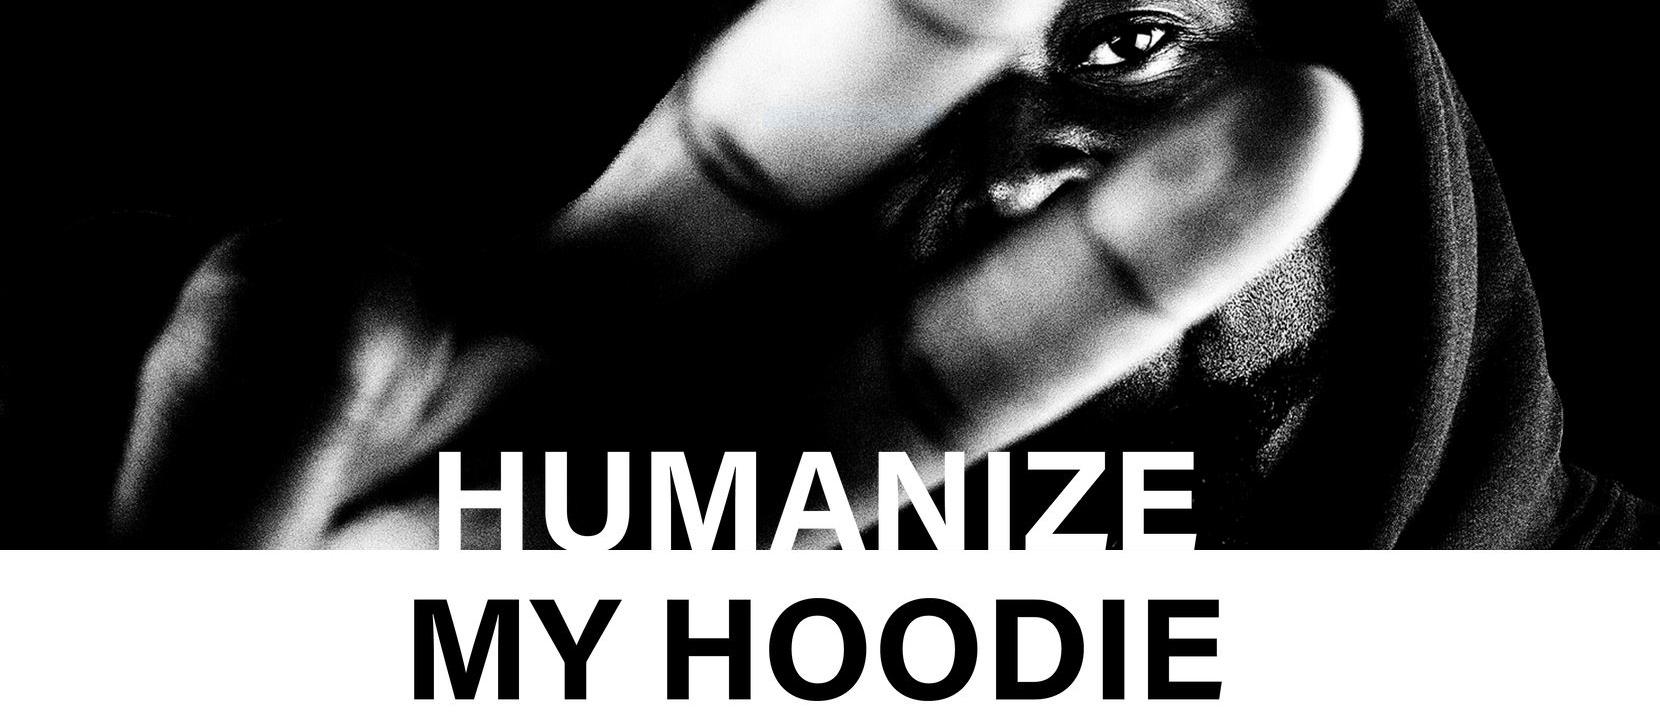 Humanize My Hoodie